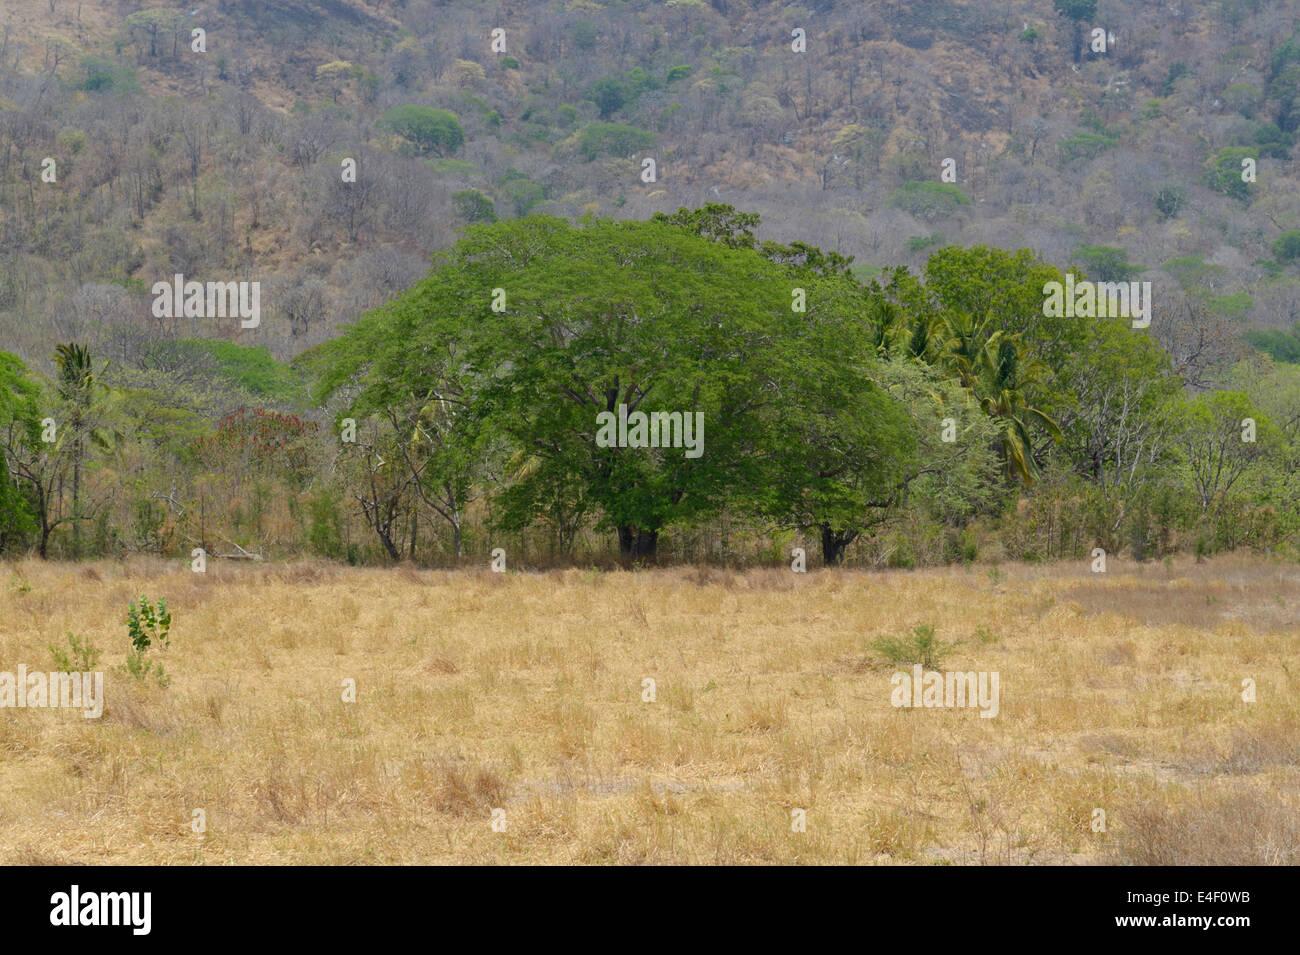 Struttura di Guanacaste, Enterolobium cyclocarpum, provincia di Guanacaste, CR Immagini Stock